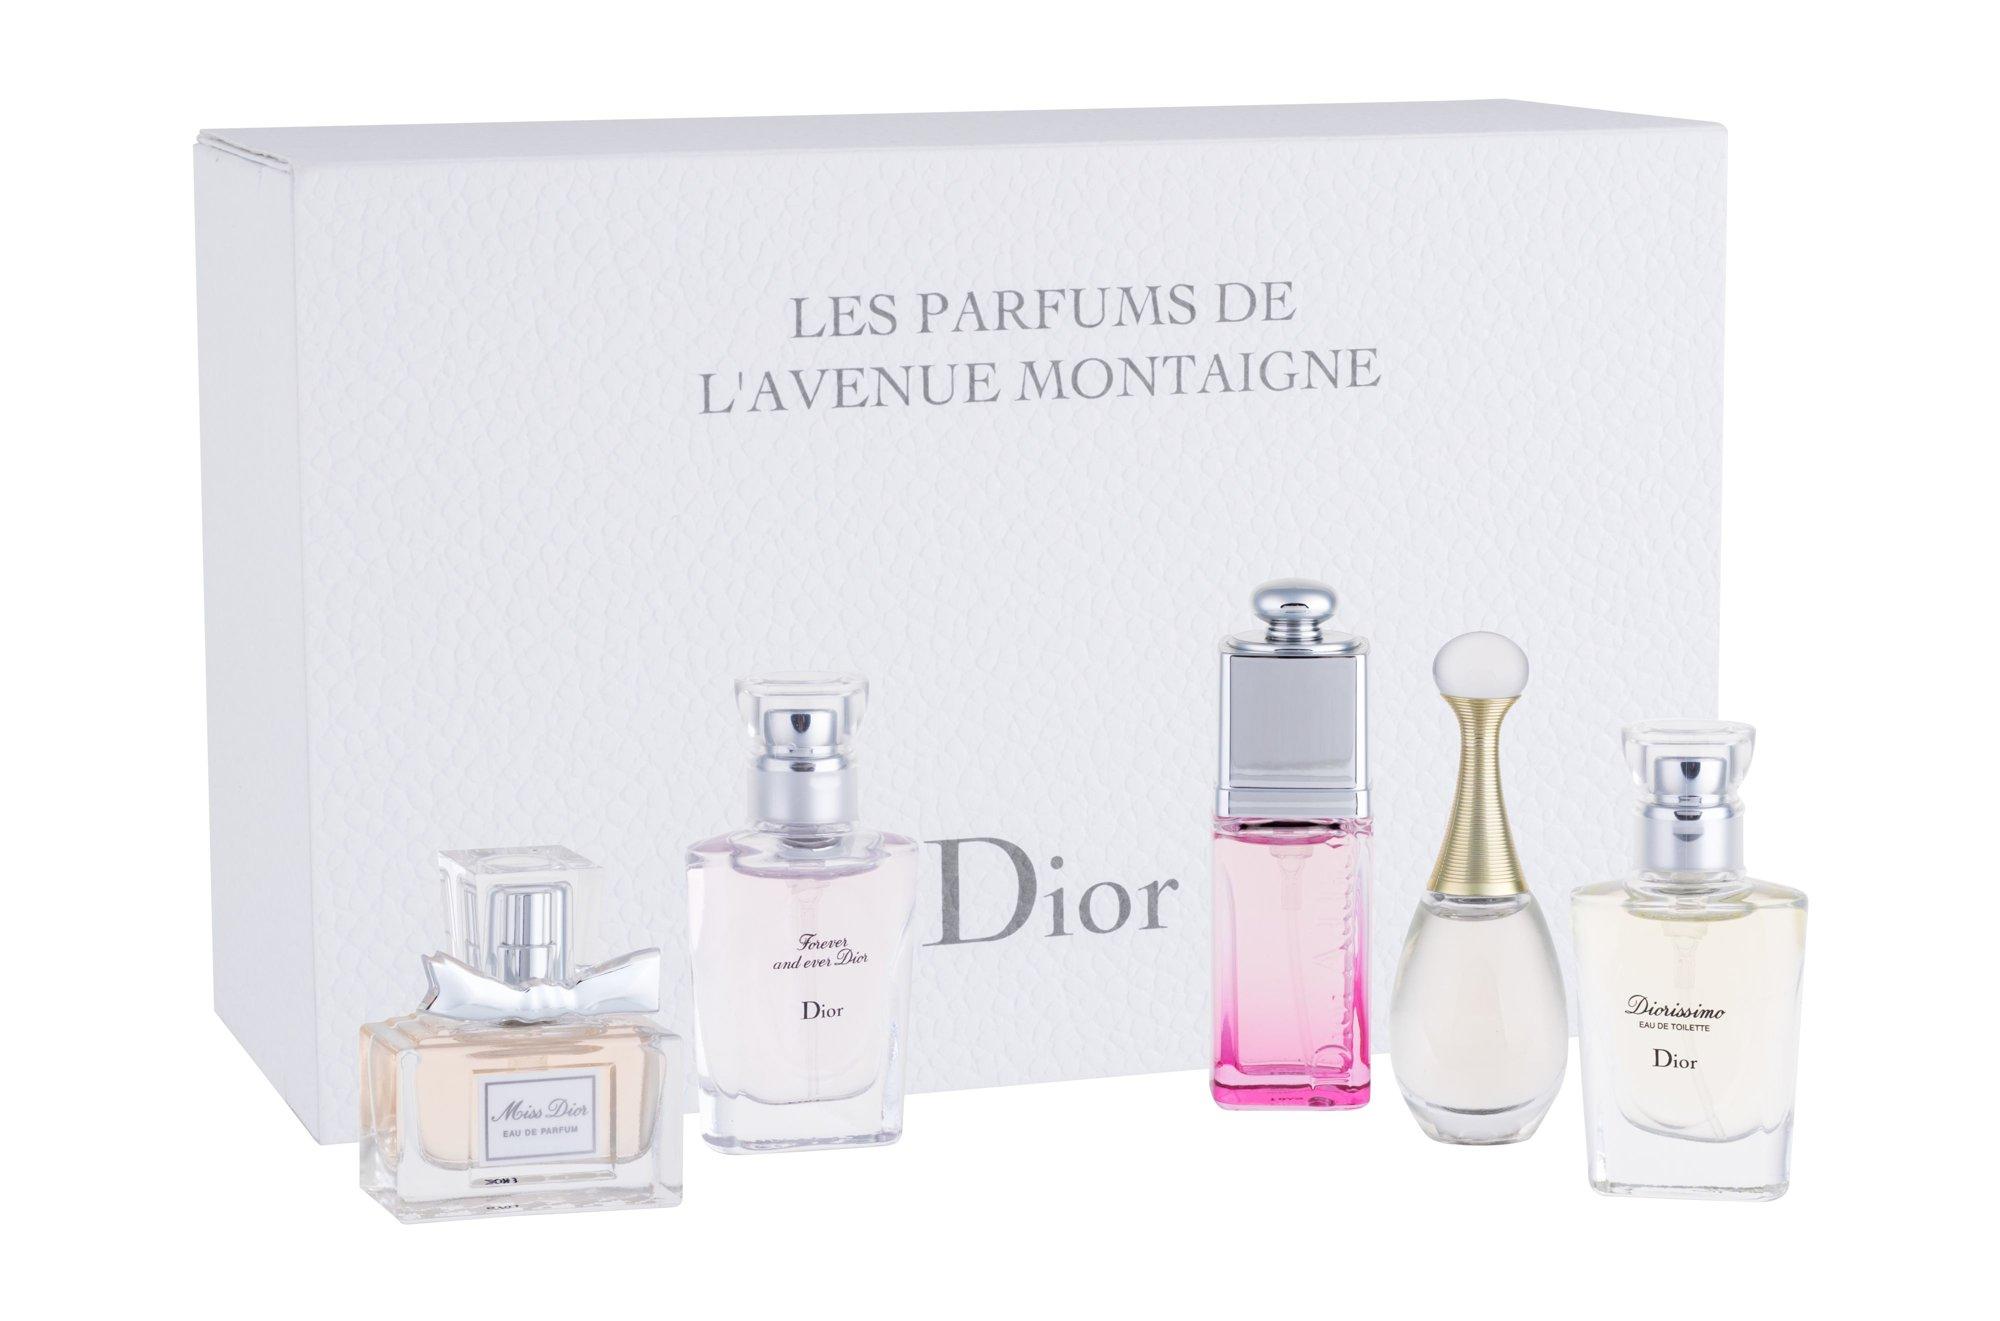 Christian Dior Mini Set 2 EDP 35ml